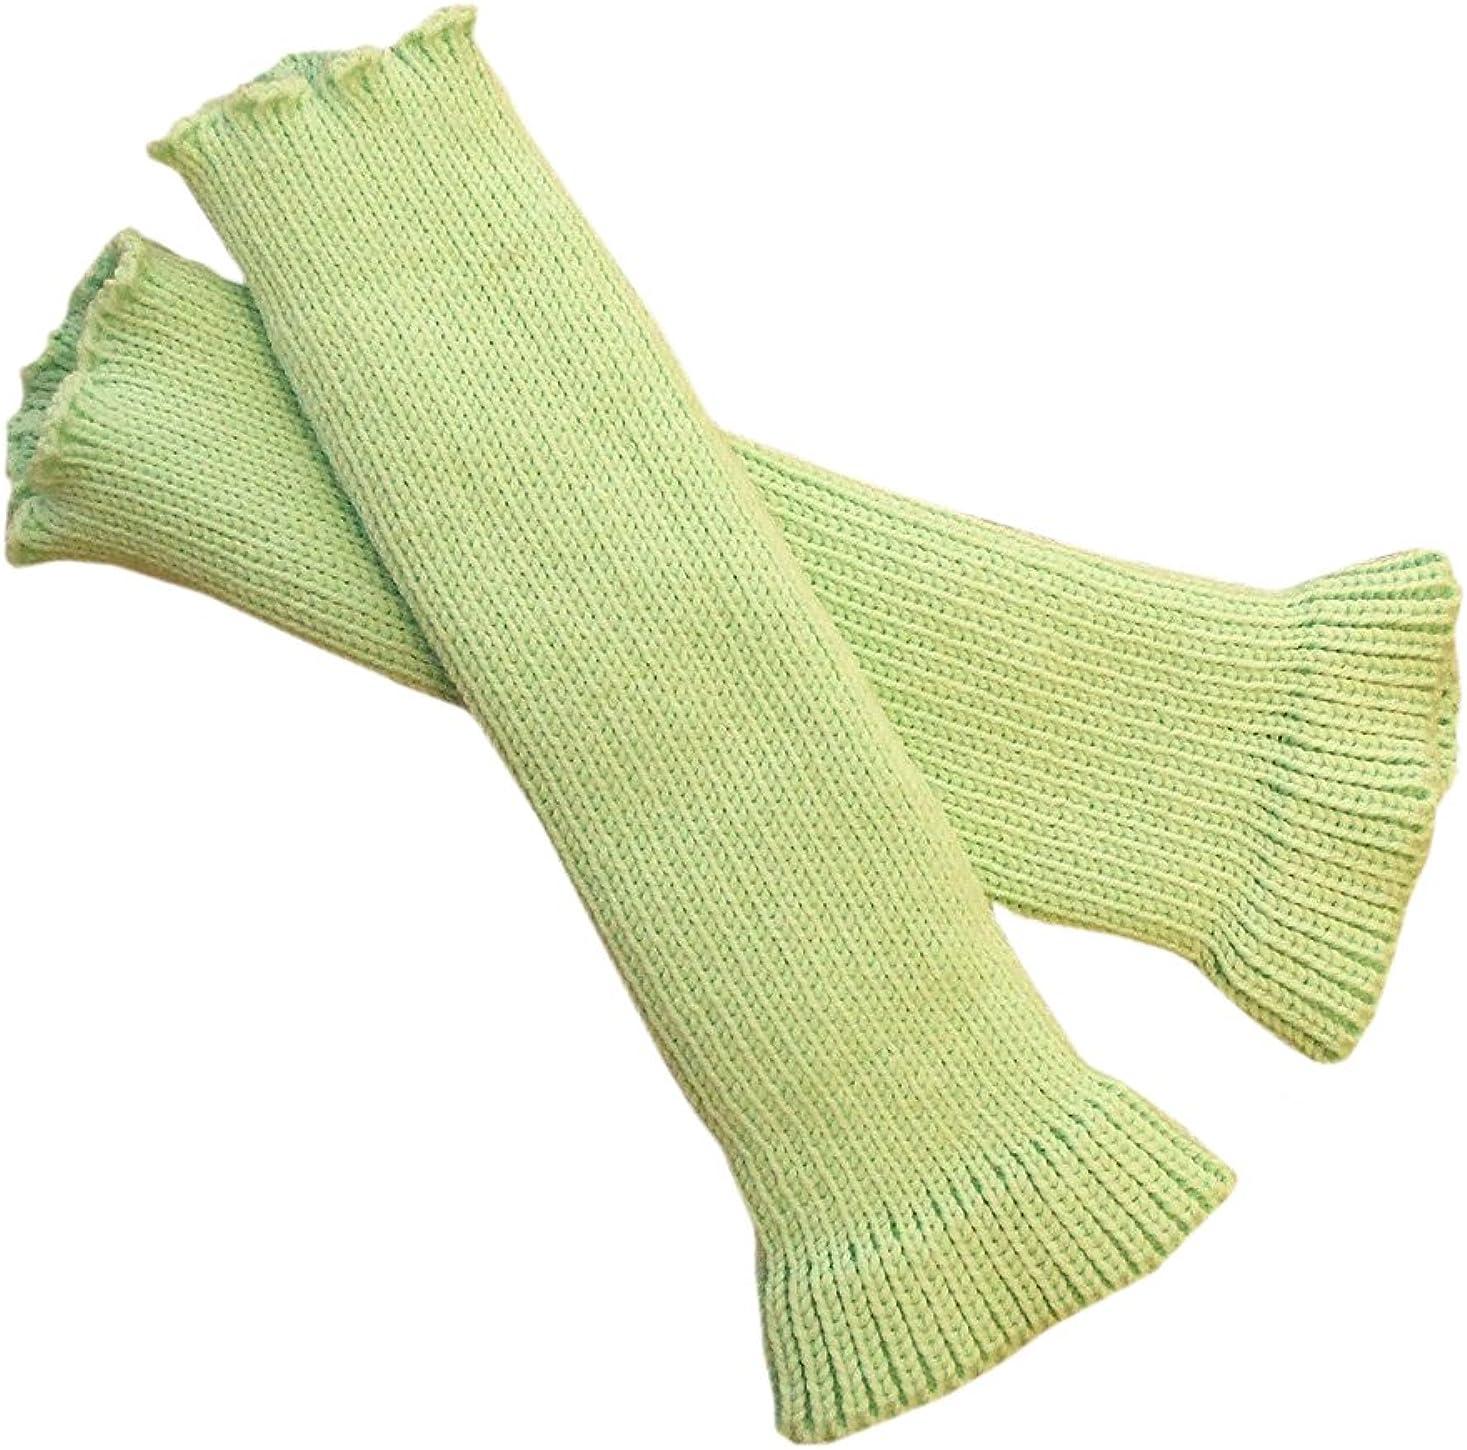 100% merino wool adult women arm warmers fingerless gloves knit